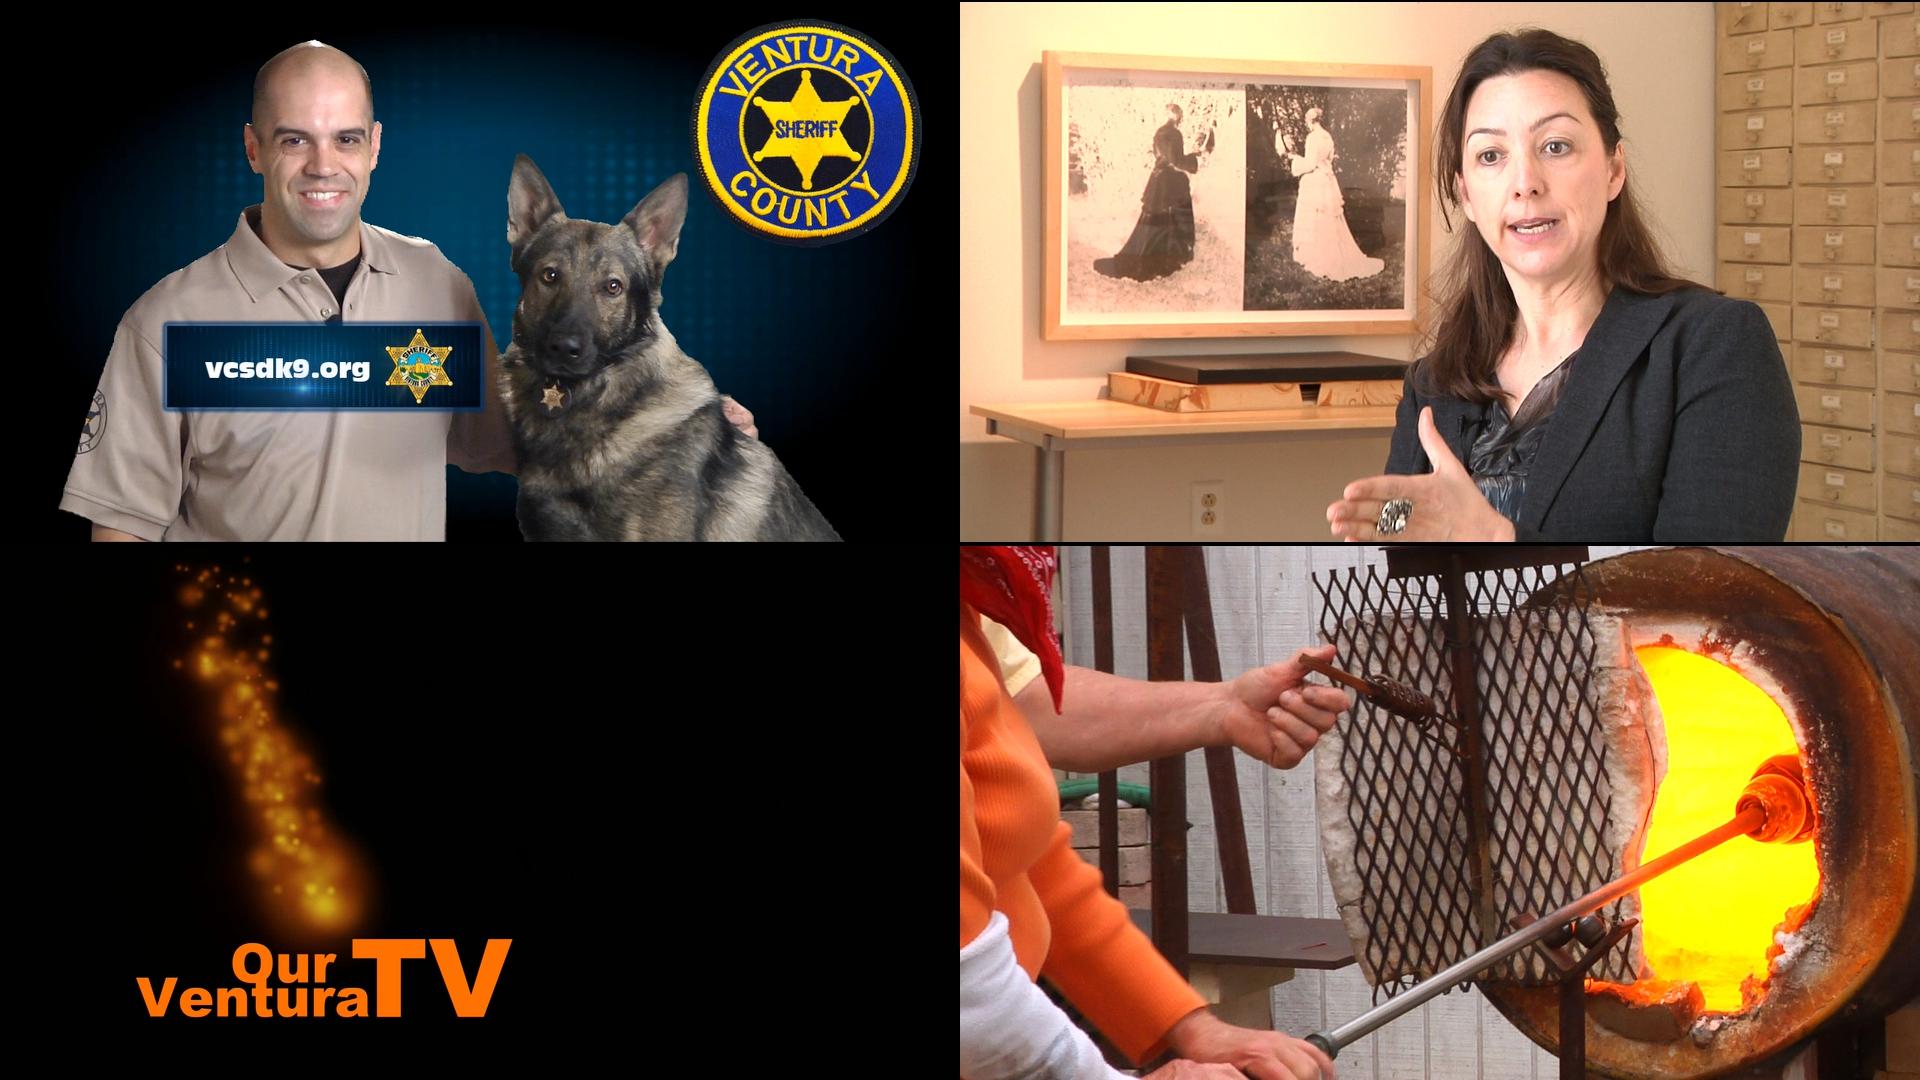 Our Ventura TV PSA